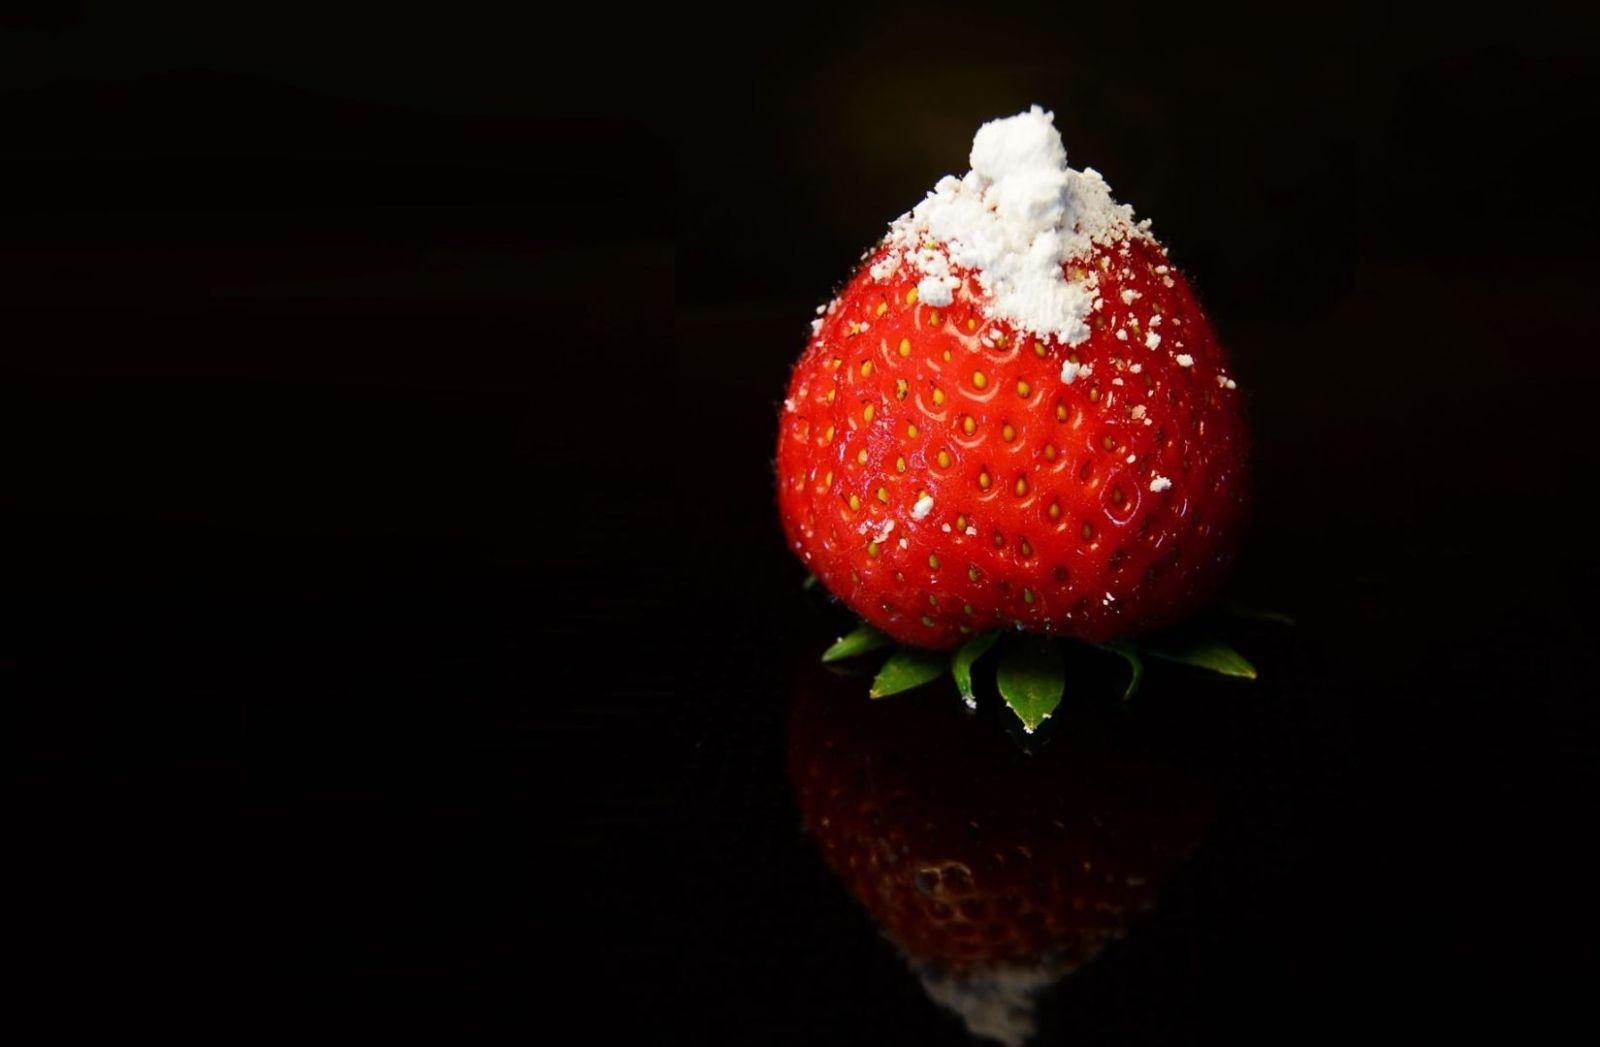 Dominanz von Sprache ist wie die Farbe der Früchte in der Natur. (Foto: Theo Crazzolara, Unsplash.com)